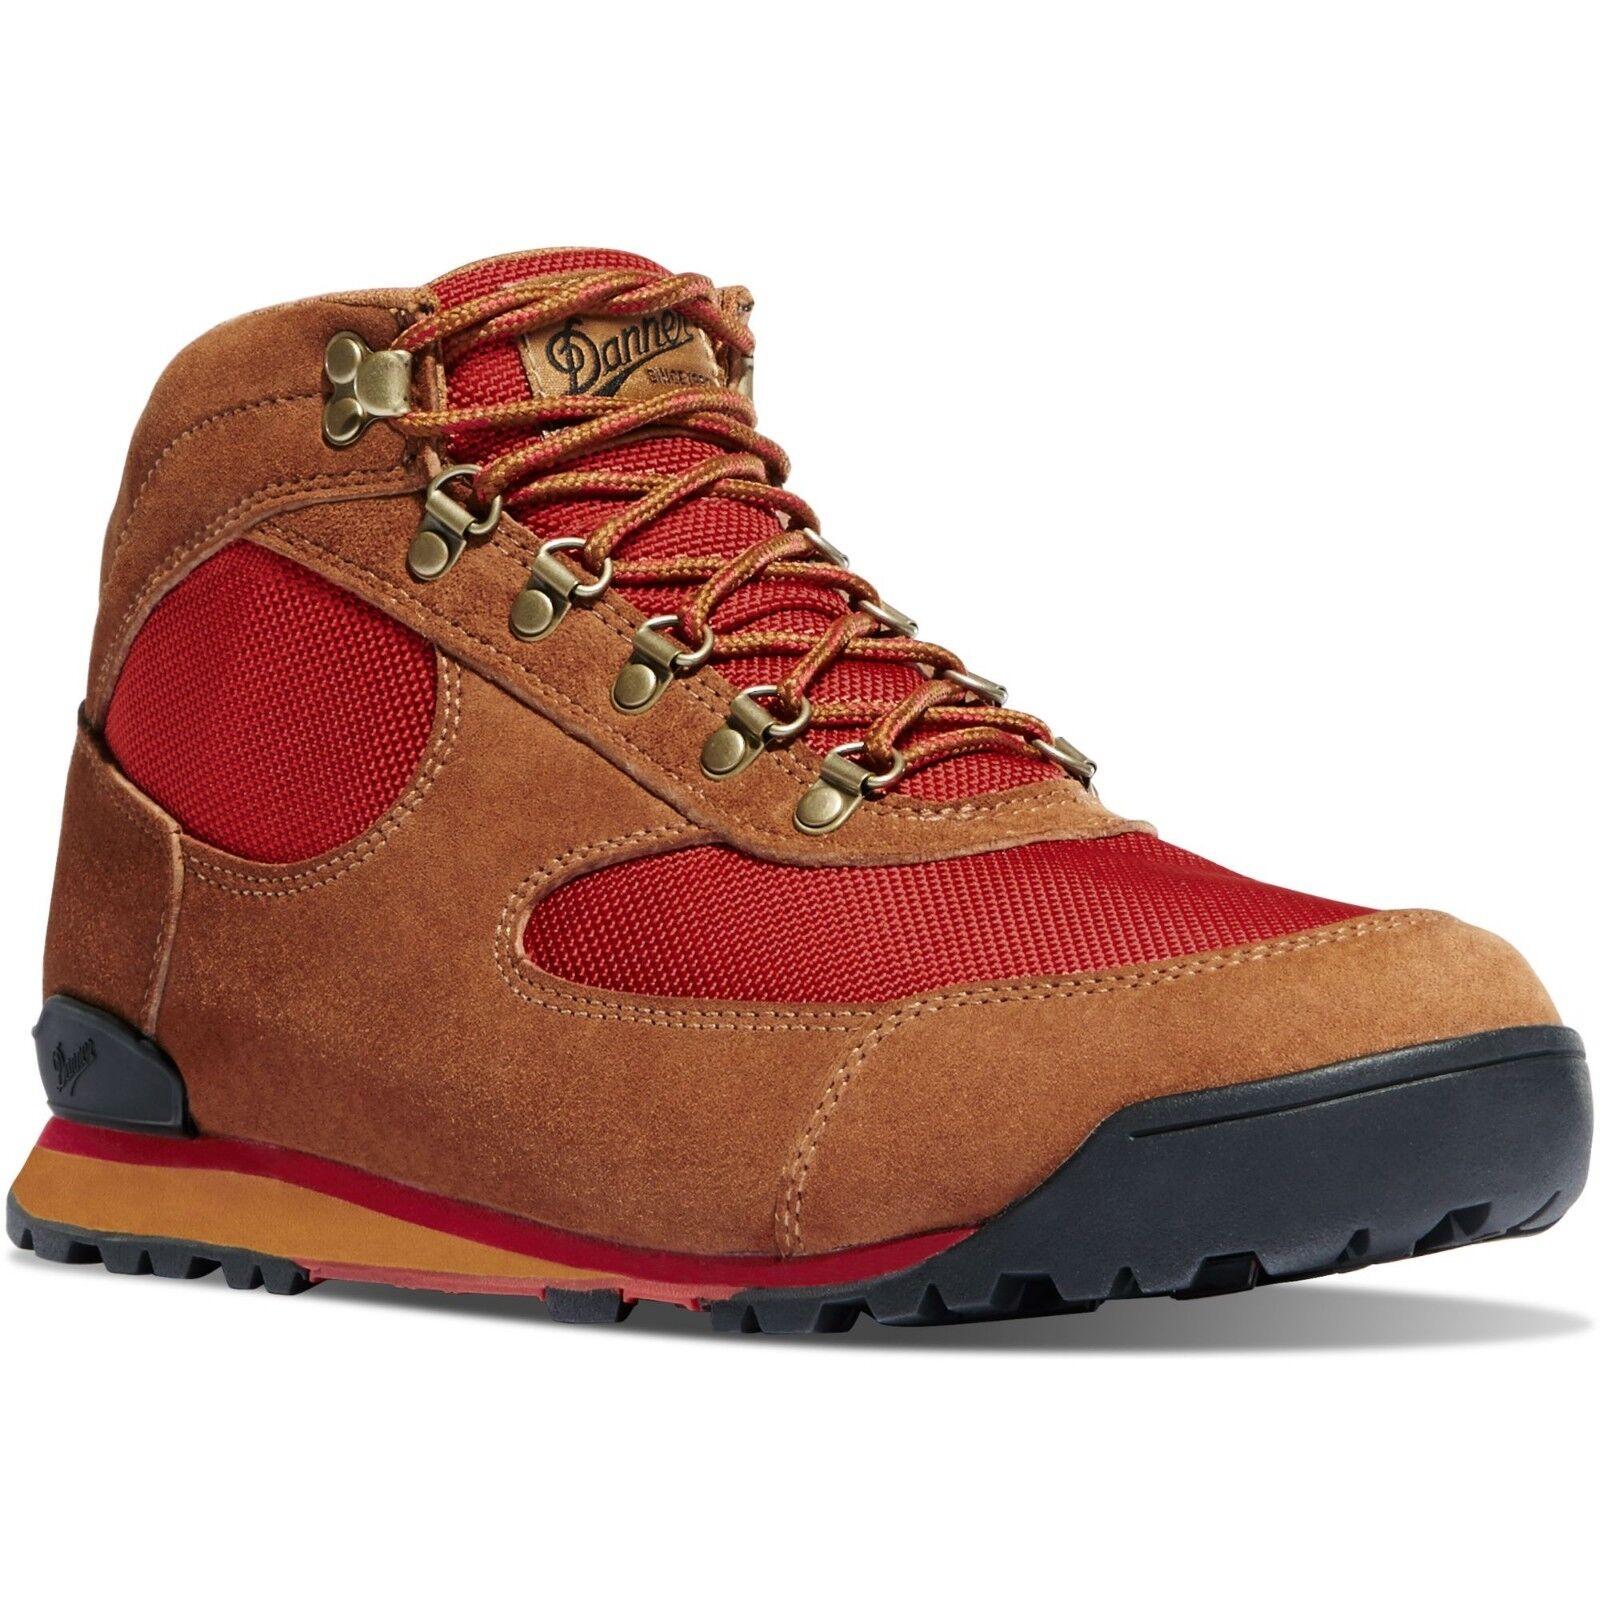 Danner mujeres 37357 37357 37357 Jag Monk's Robe Bossa nova Marrón Rojo Trail Senderismo Zapatos botas  aquí tiene la última